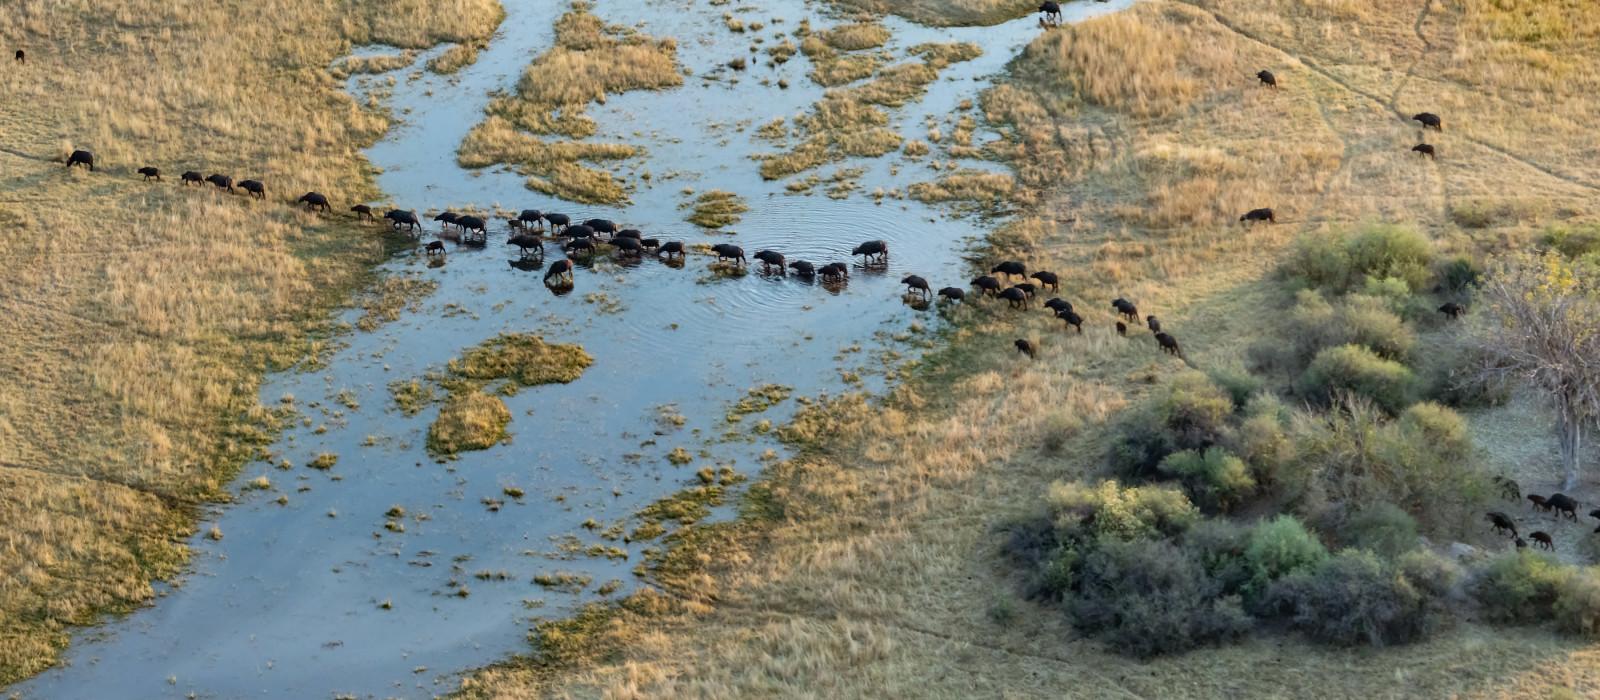 Vogelperspektive des Okavango-Deltas in Botswana, Afrika